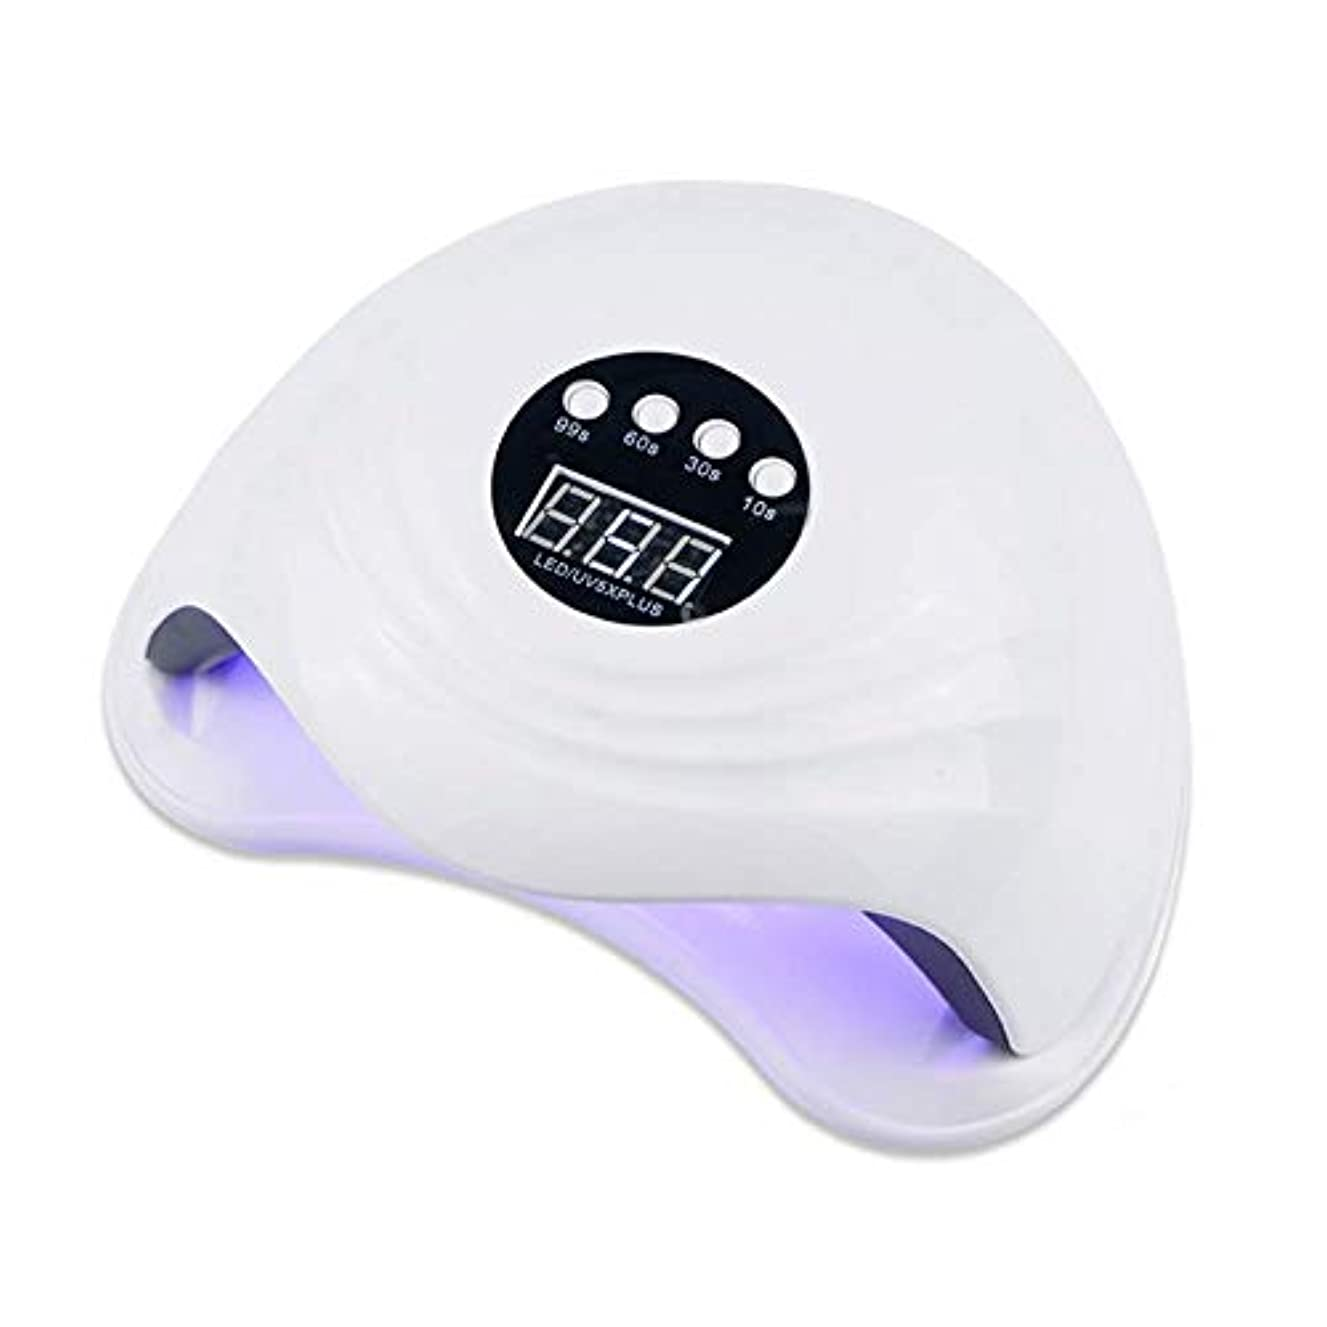 財政ポルノロープUV LEDネイルランプ、108Wハイパワースマート赤外線誘導速乾性無痛ネイルドライヤー(36個のデュアル光源ビーズ&4個のタイマープリセット付き)